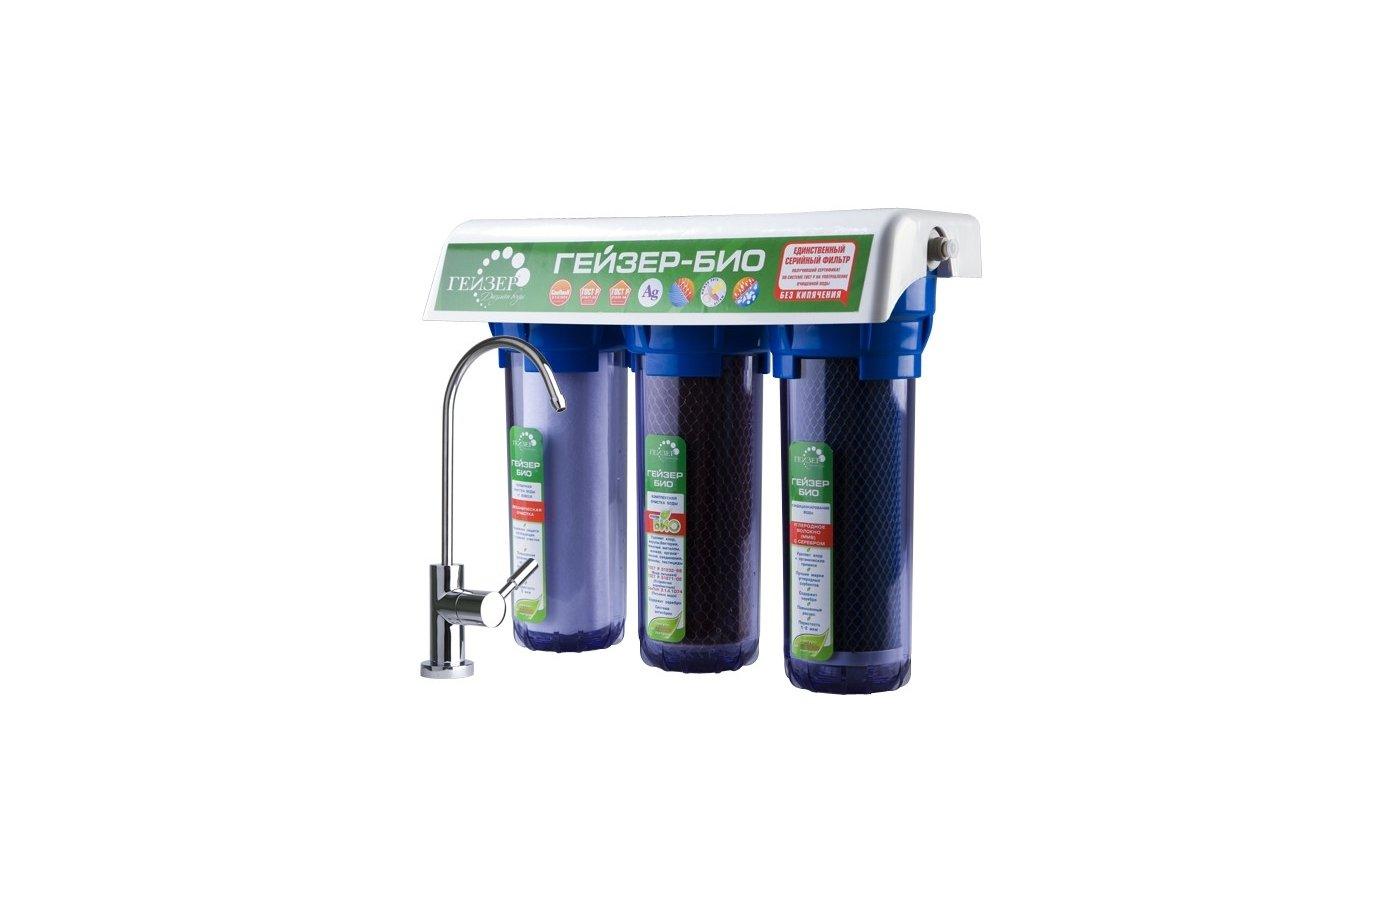 Фильтры для воды ГЕЙЗЕР 3 БИО (322)